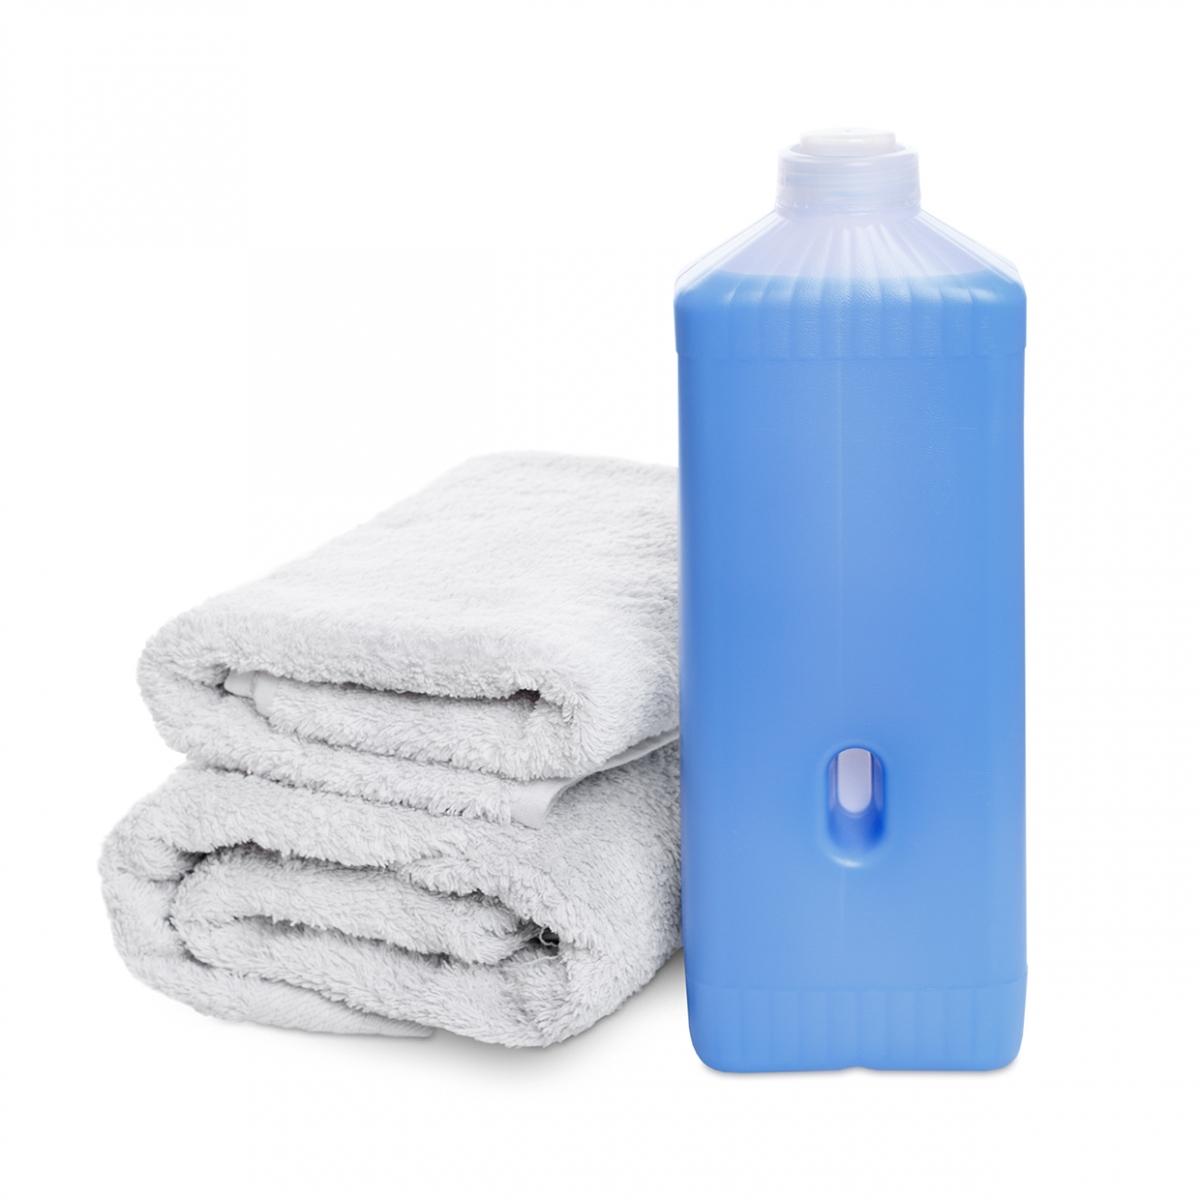 Imagen en la que se ve un bote de suavizante y unas toallas